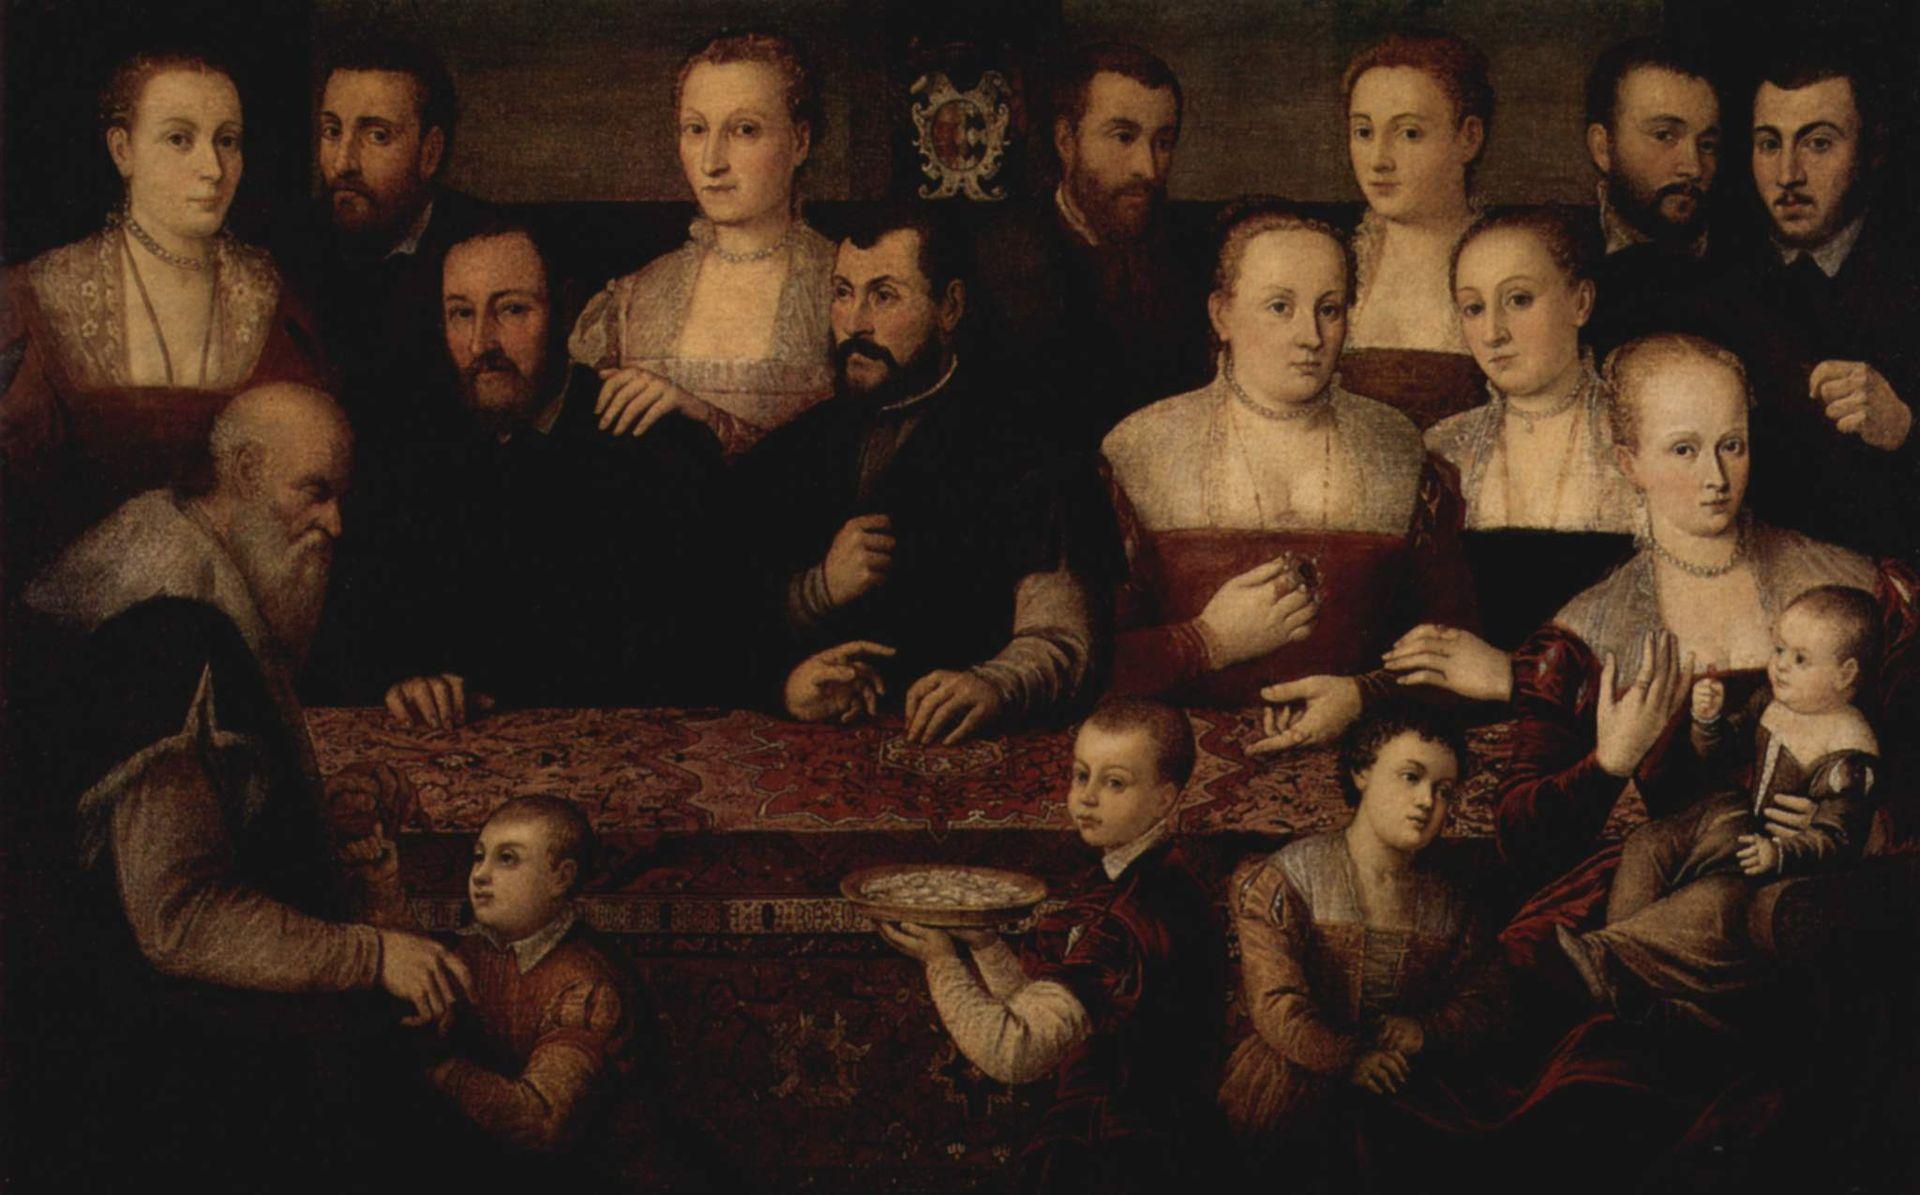 Cesare Vecellio, Ritratto di famiglia